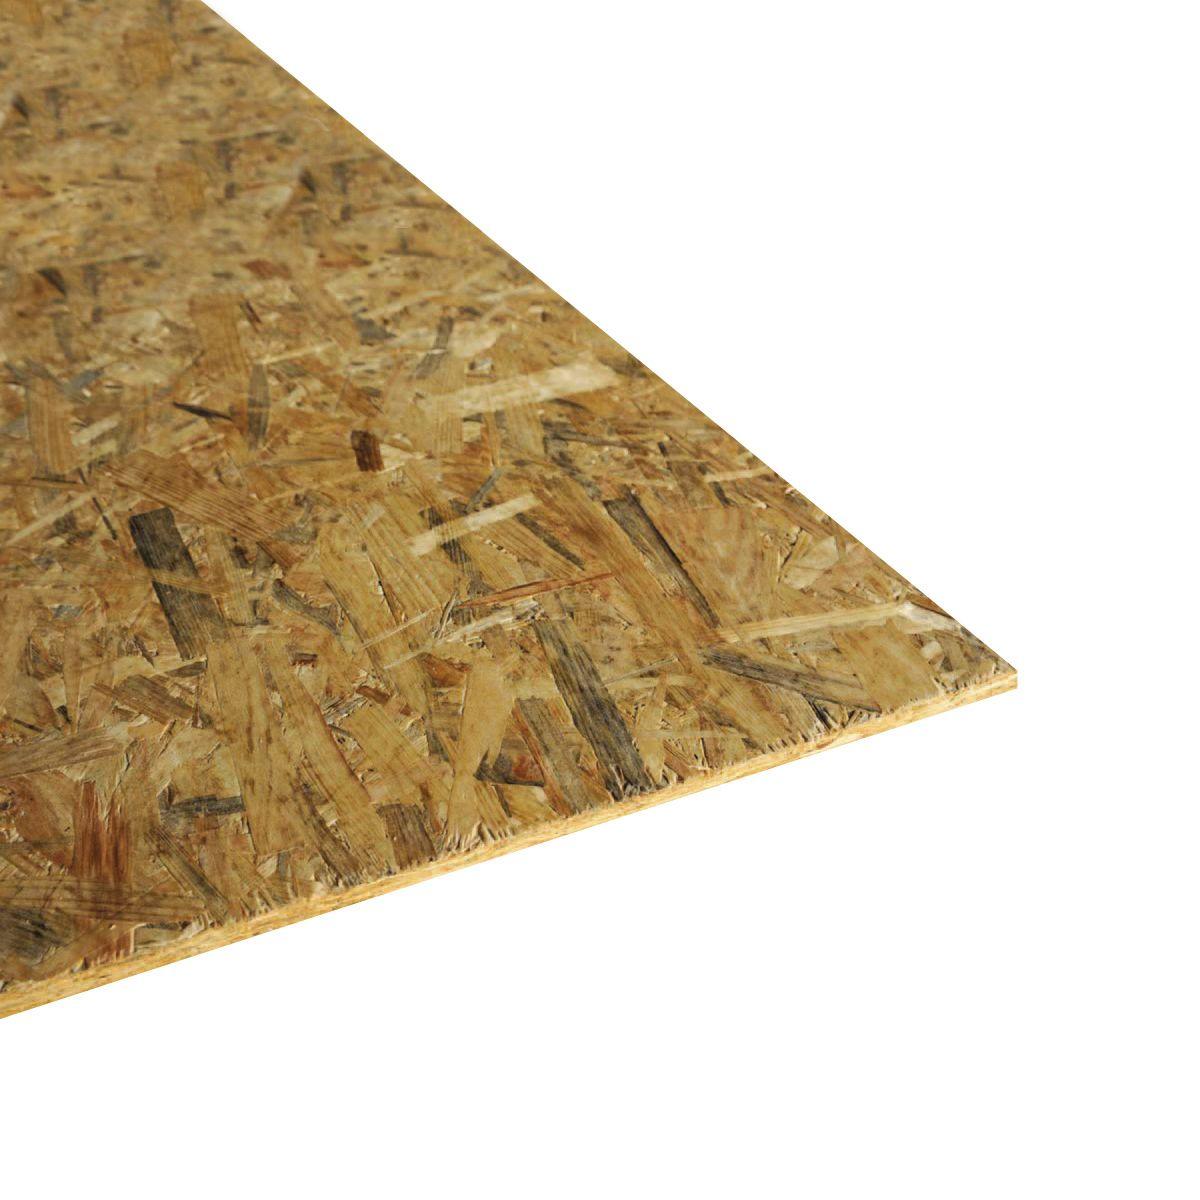 Parquet sintetico leroy merlin awesome sof de madera de - Finto parquet leroy merlin ...